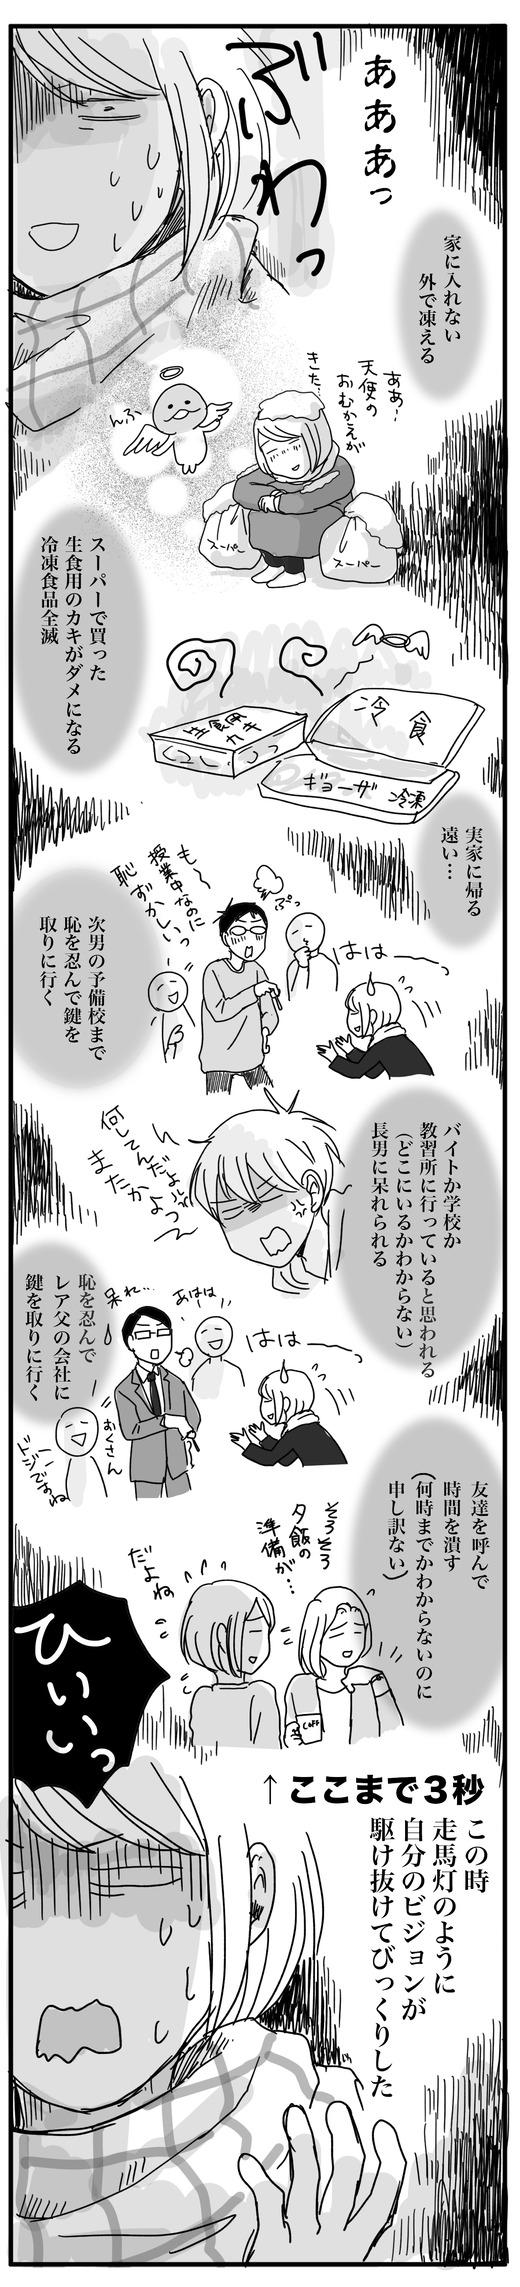 samuiのコピー